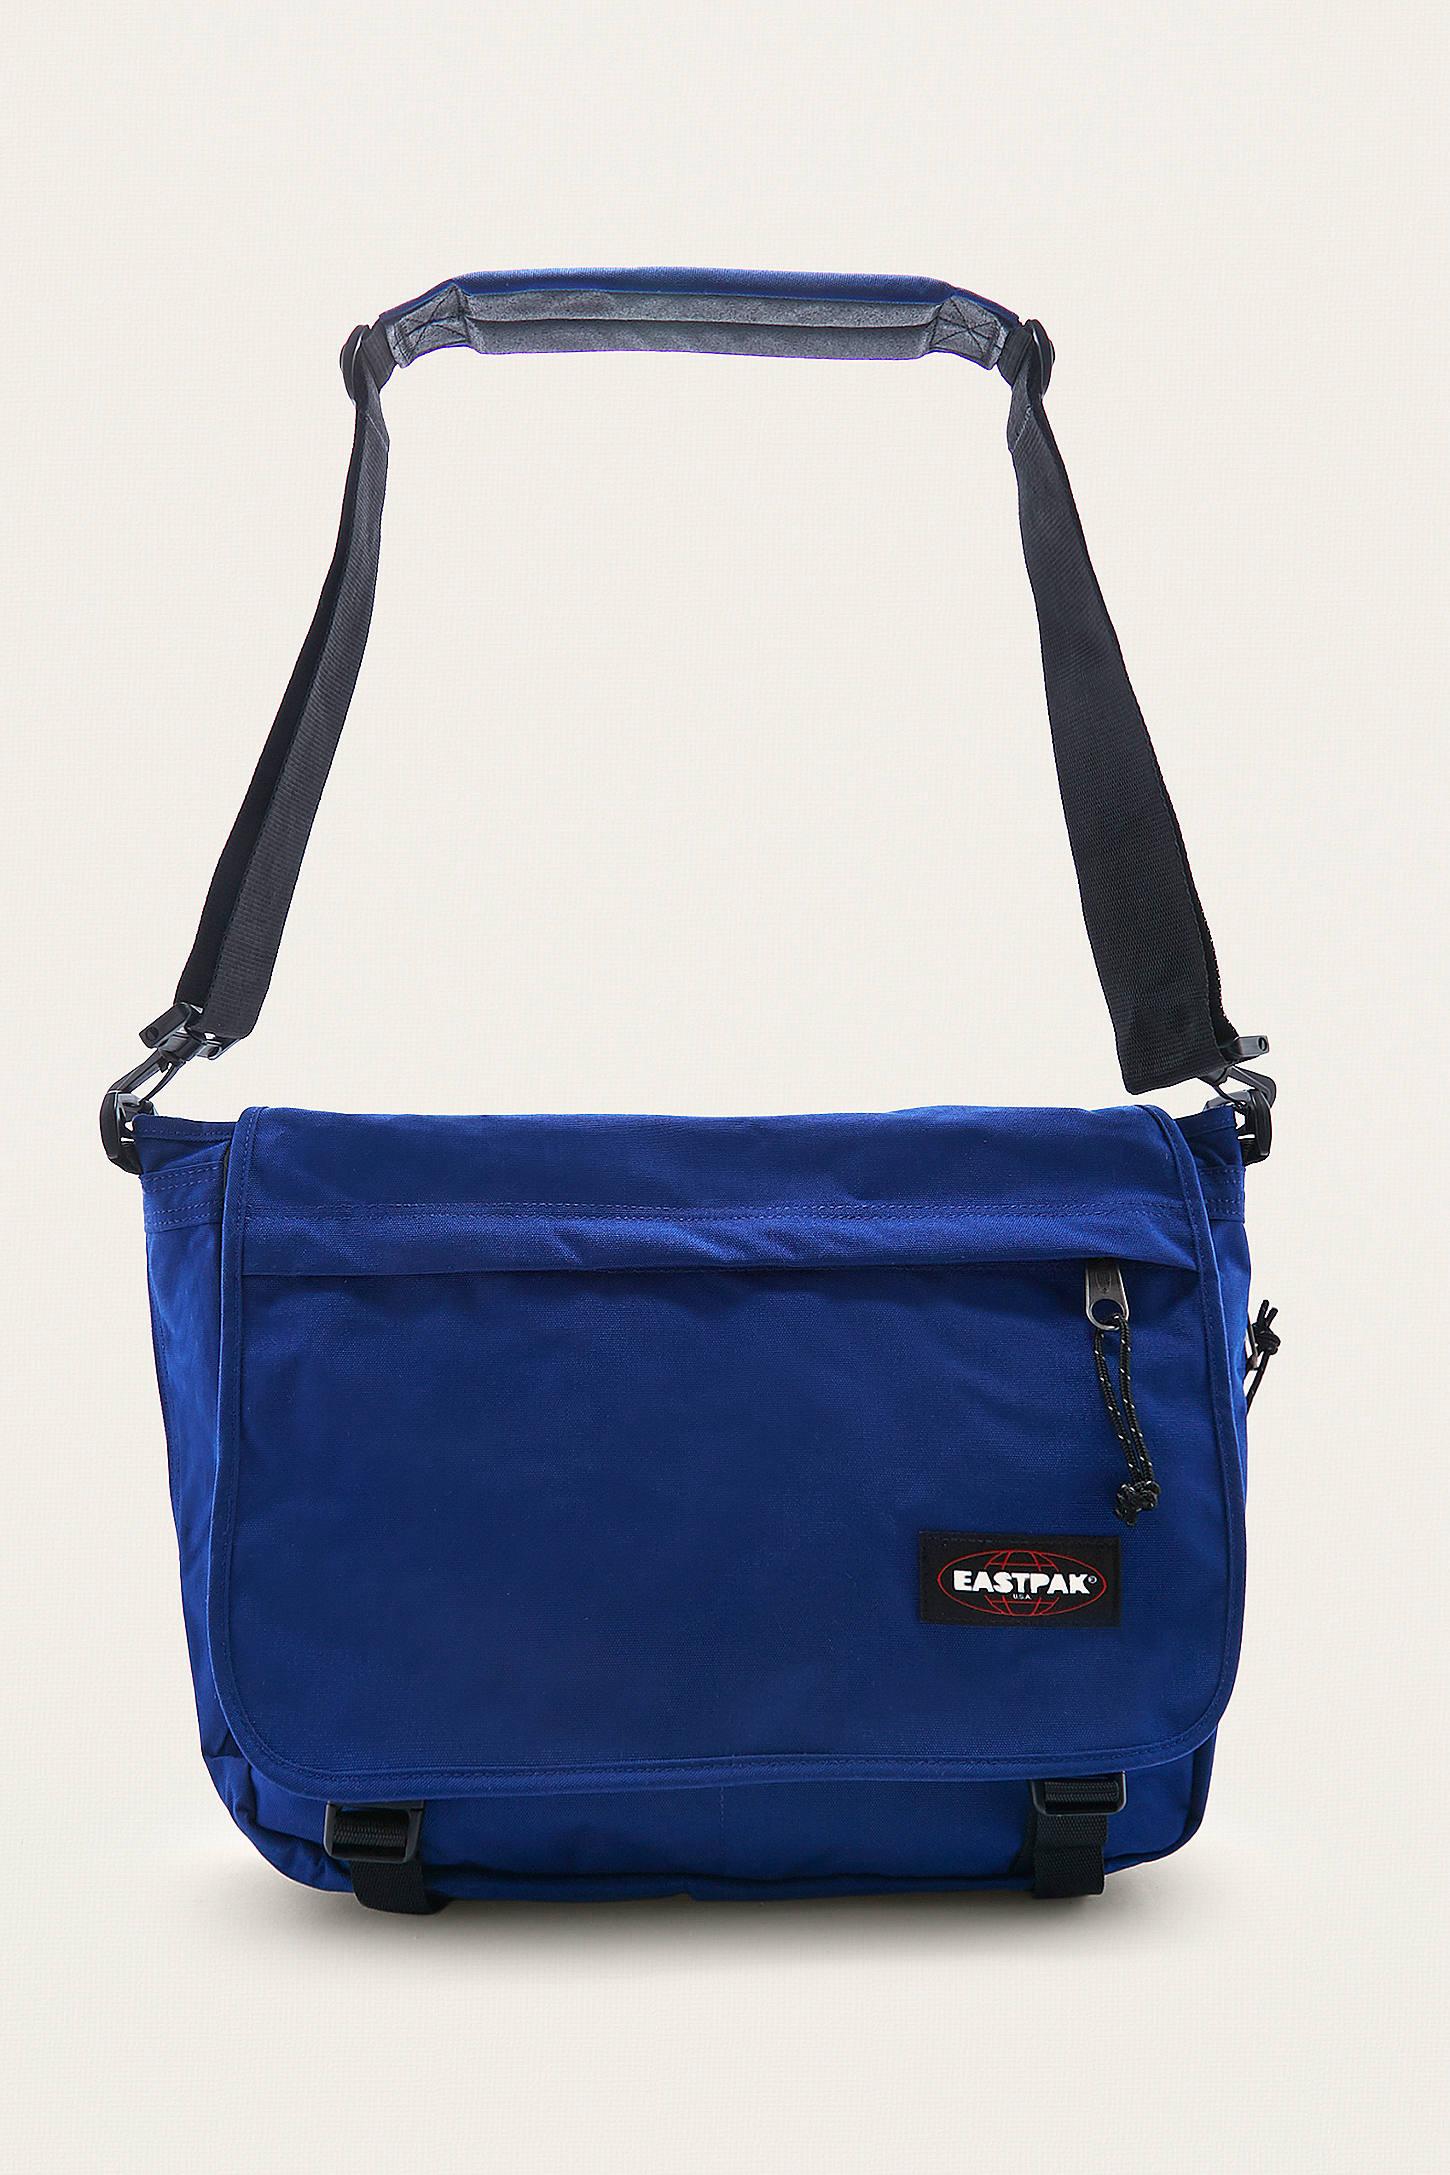 Eastpak Delegate Bonded Blue Messenger Bag | Urban Outfitters